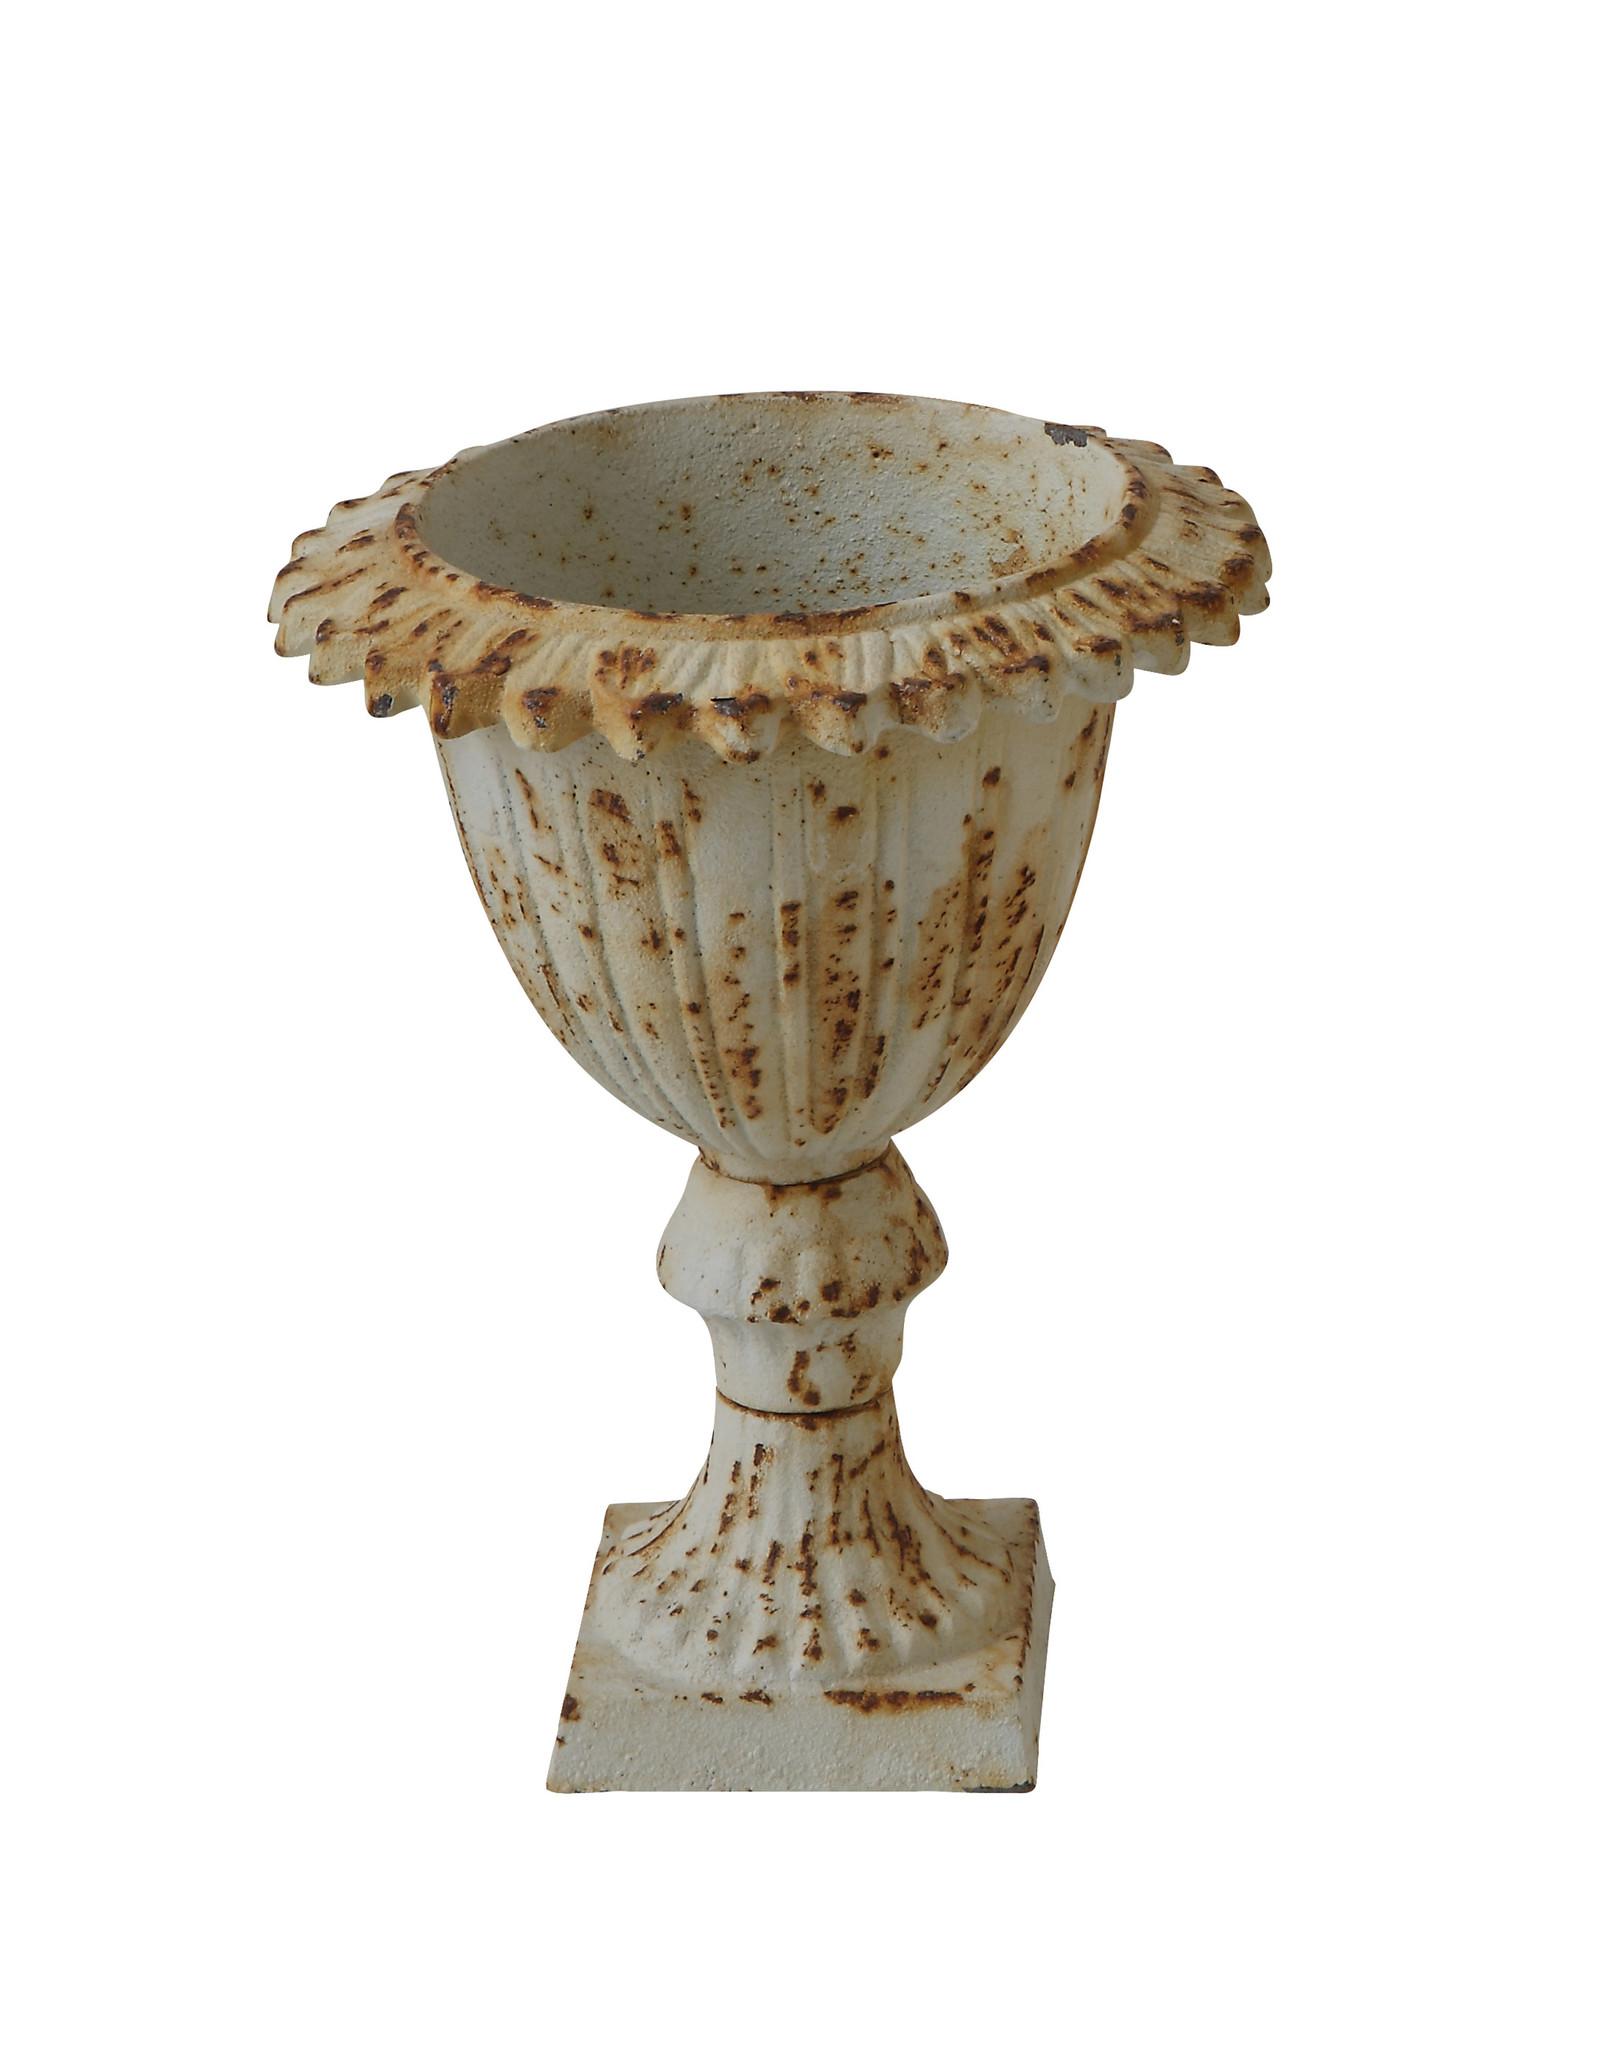 Small Distressed Antique Cream Cast Iron Urn